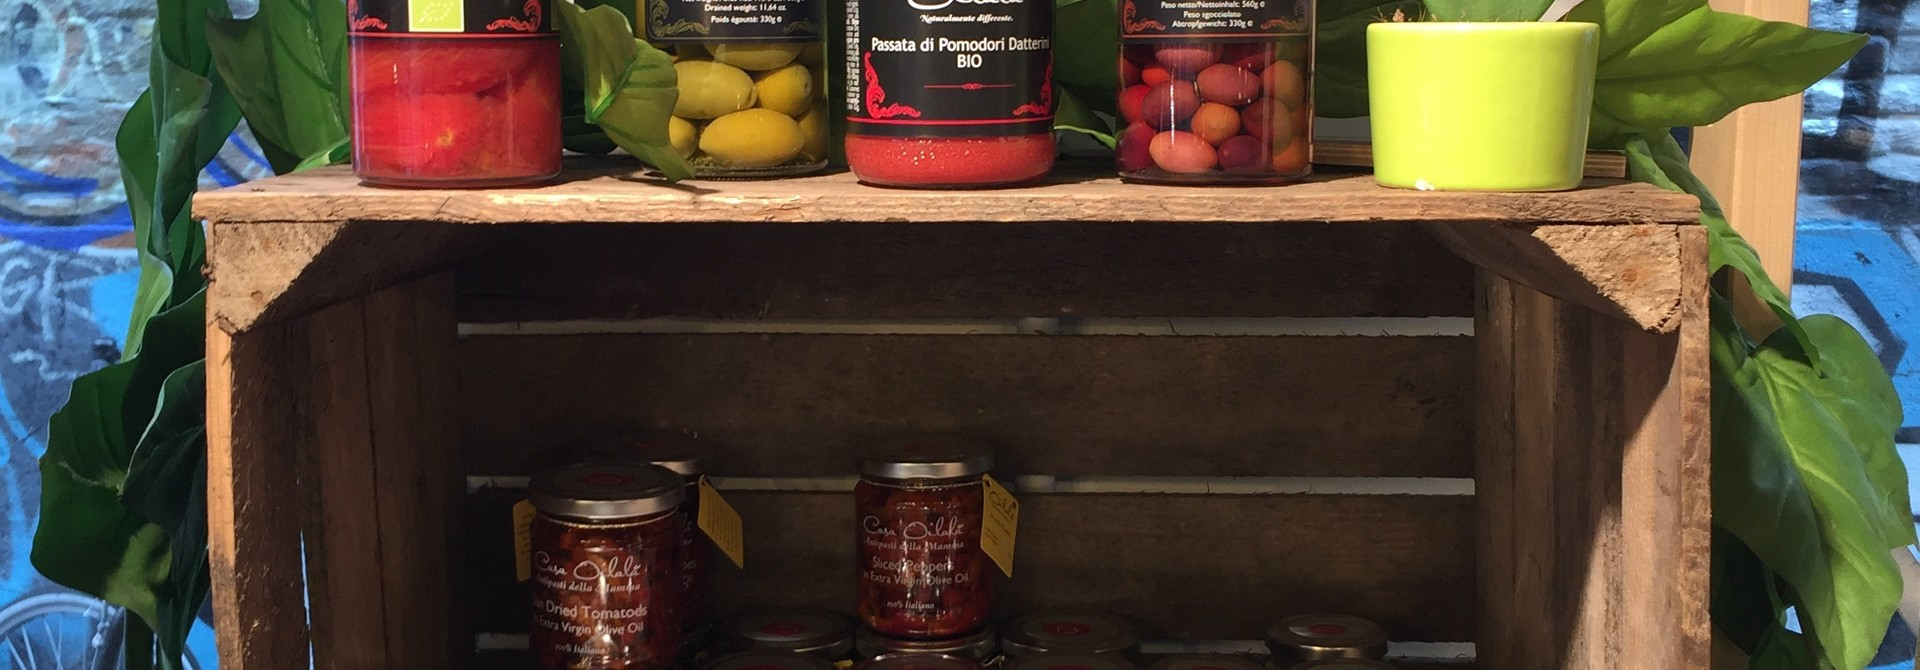 Gourmet producten uit Italië